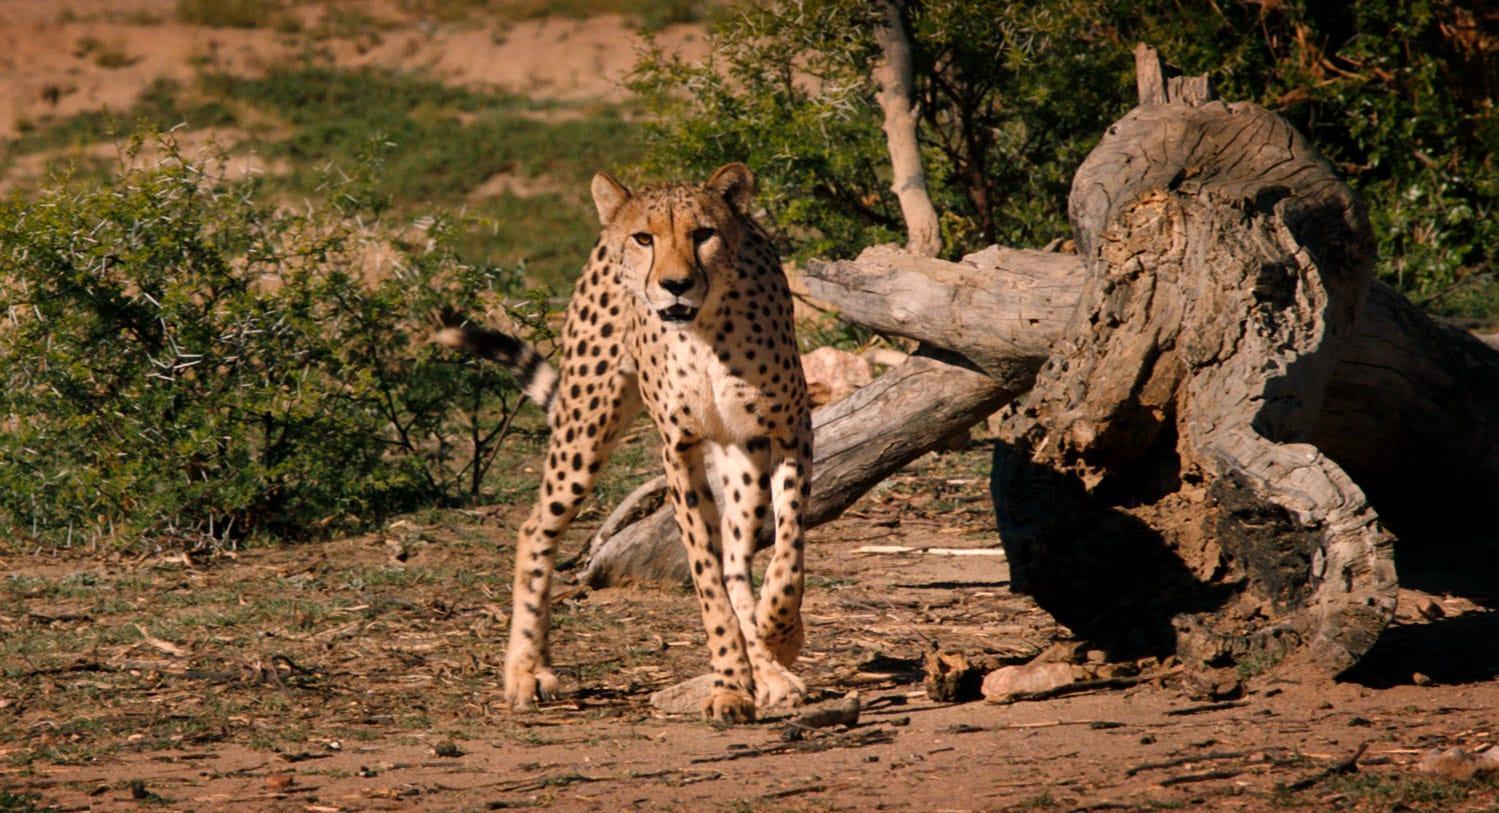 Cheetah in its natural habitat